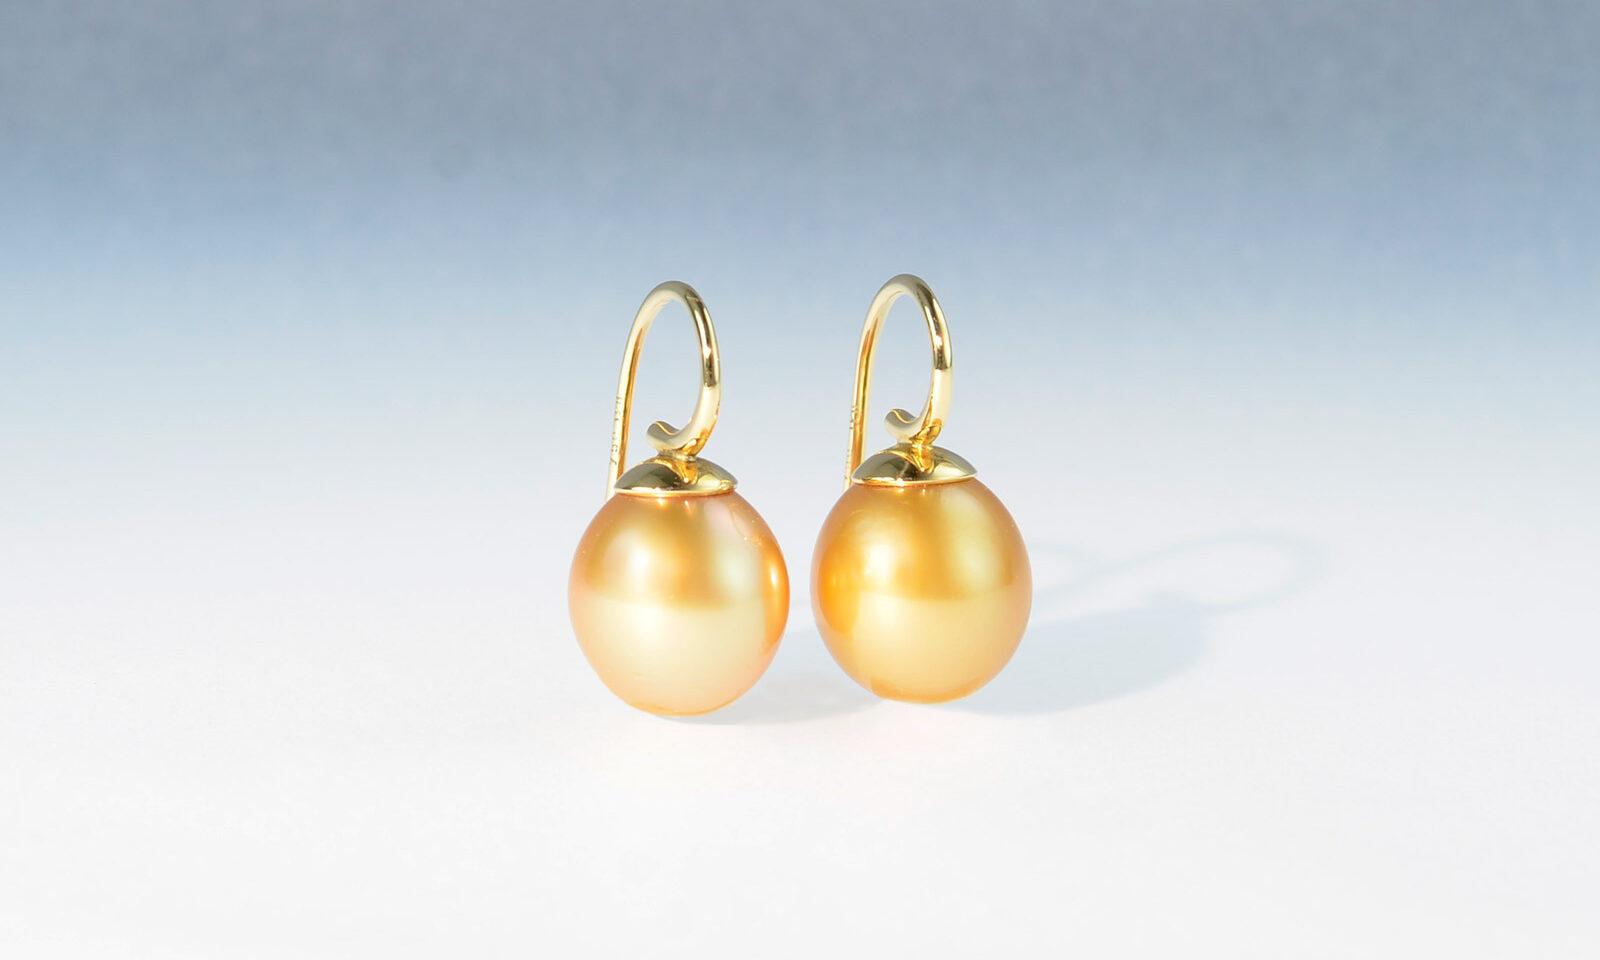 Ohrhaengser suedsee gold. Ohrhänger mit Südseeperlen Tropfen 10.5 x 12 mm und Gelbgold 750, CHF 1800.-